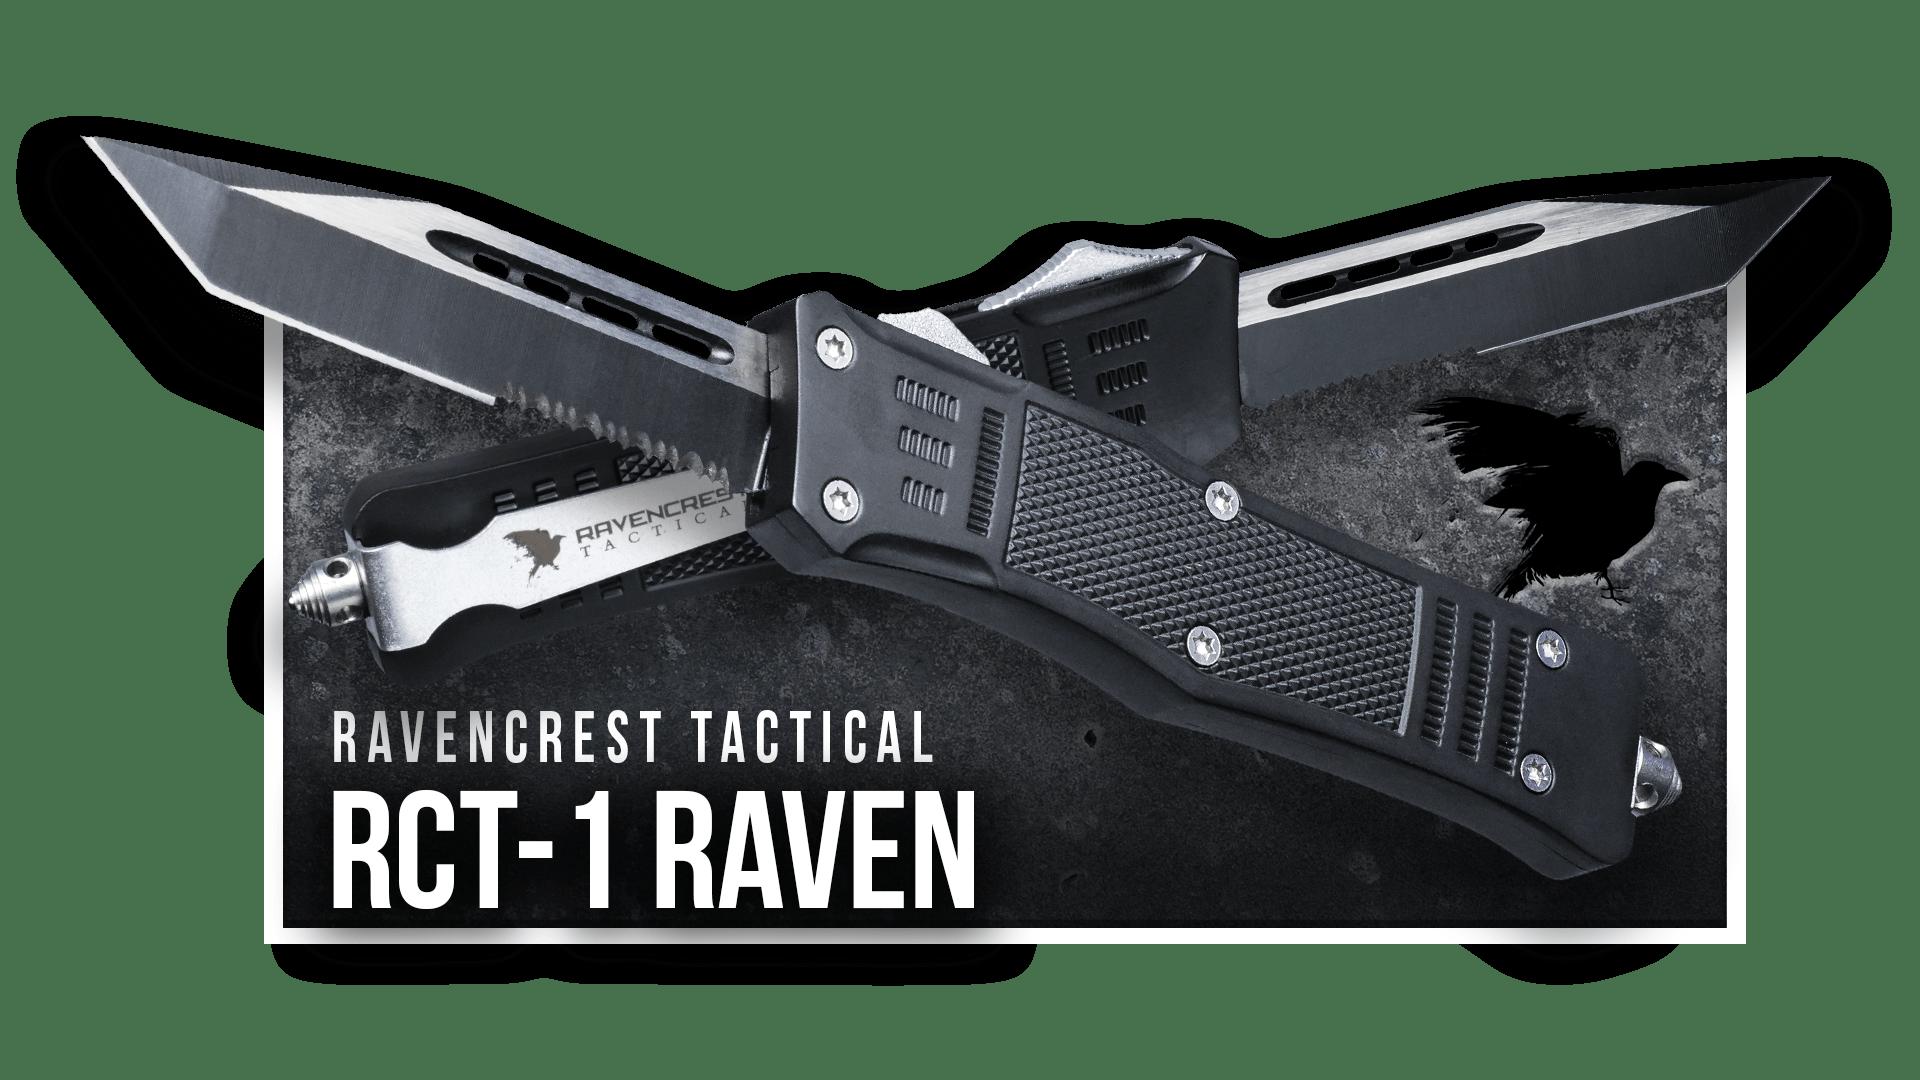 OTF Knife - RCT-1 Raven - RavenCrest Tactical